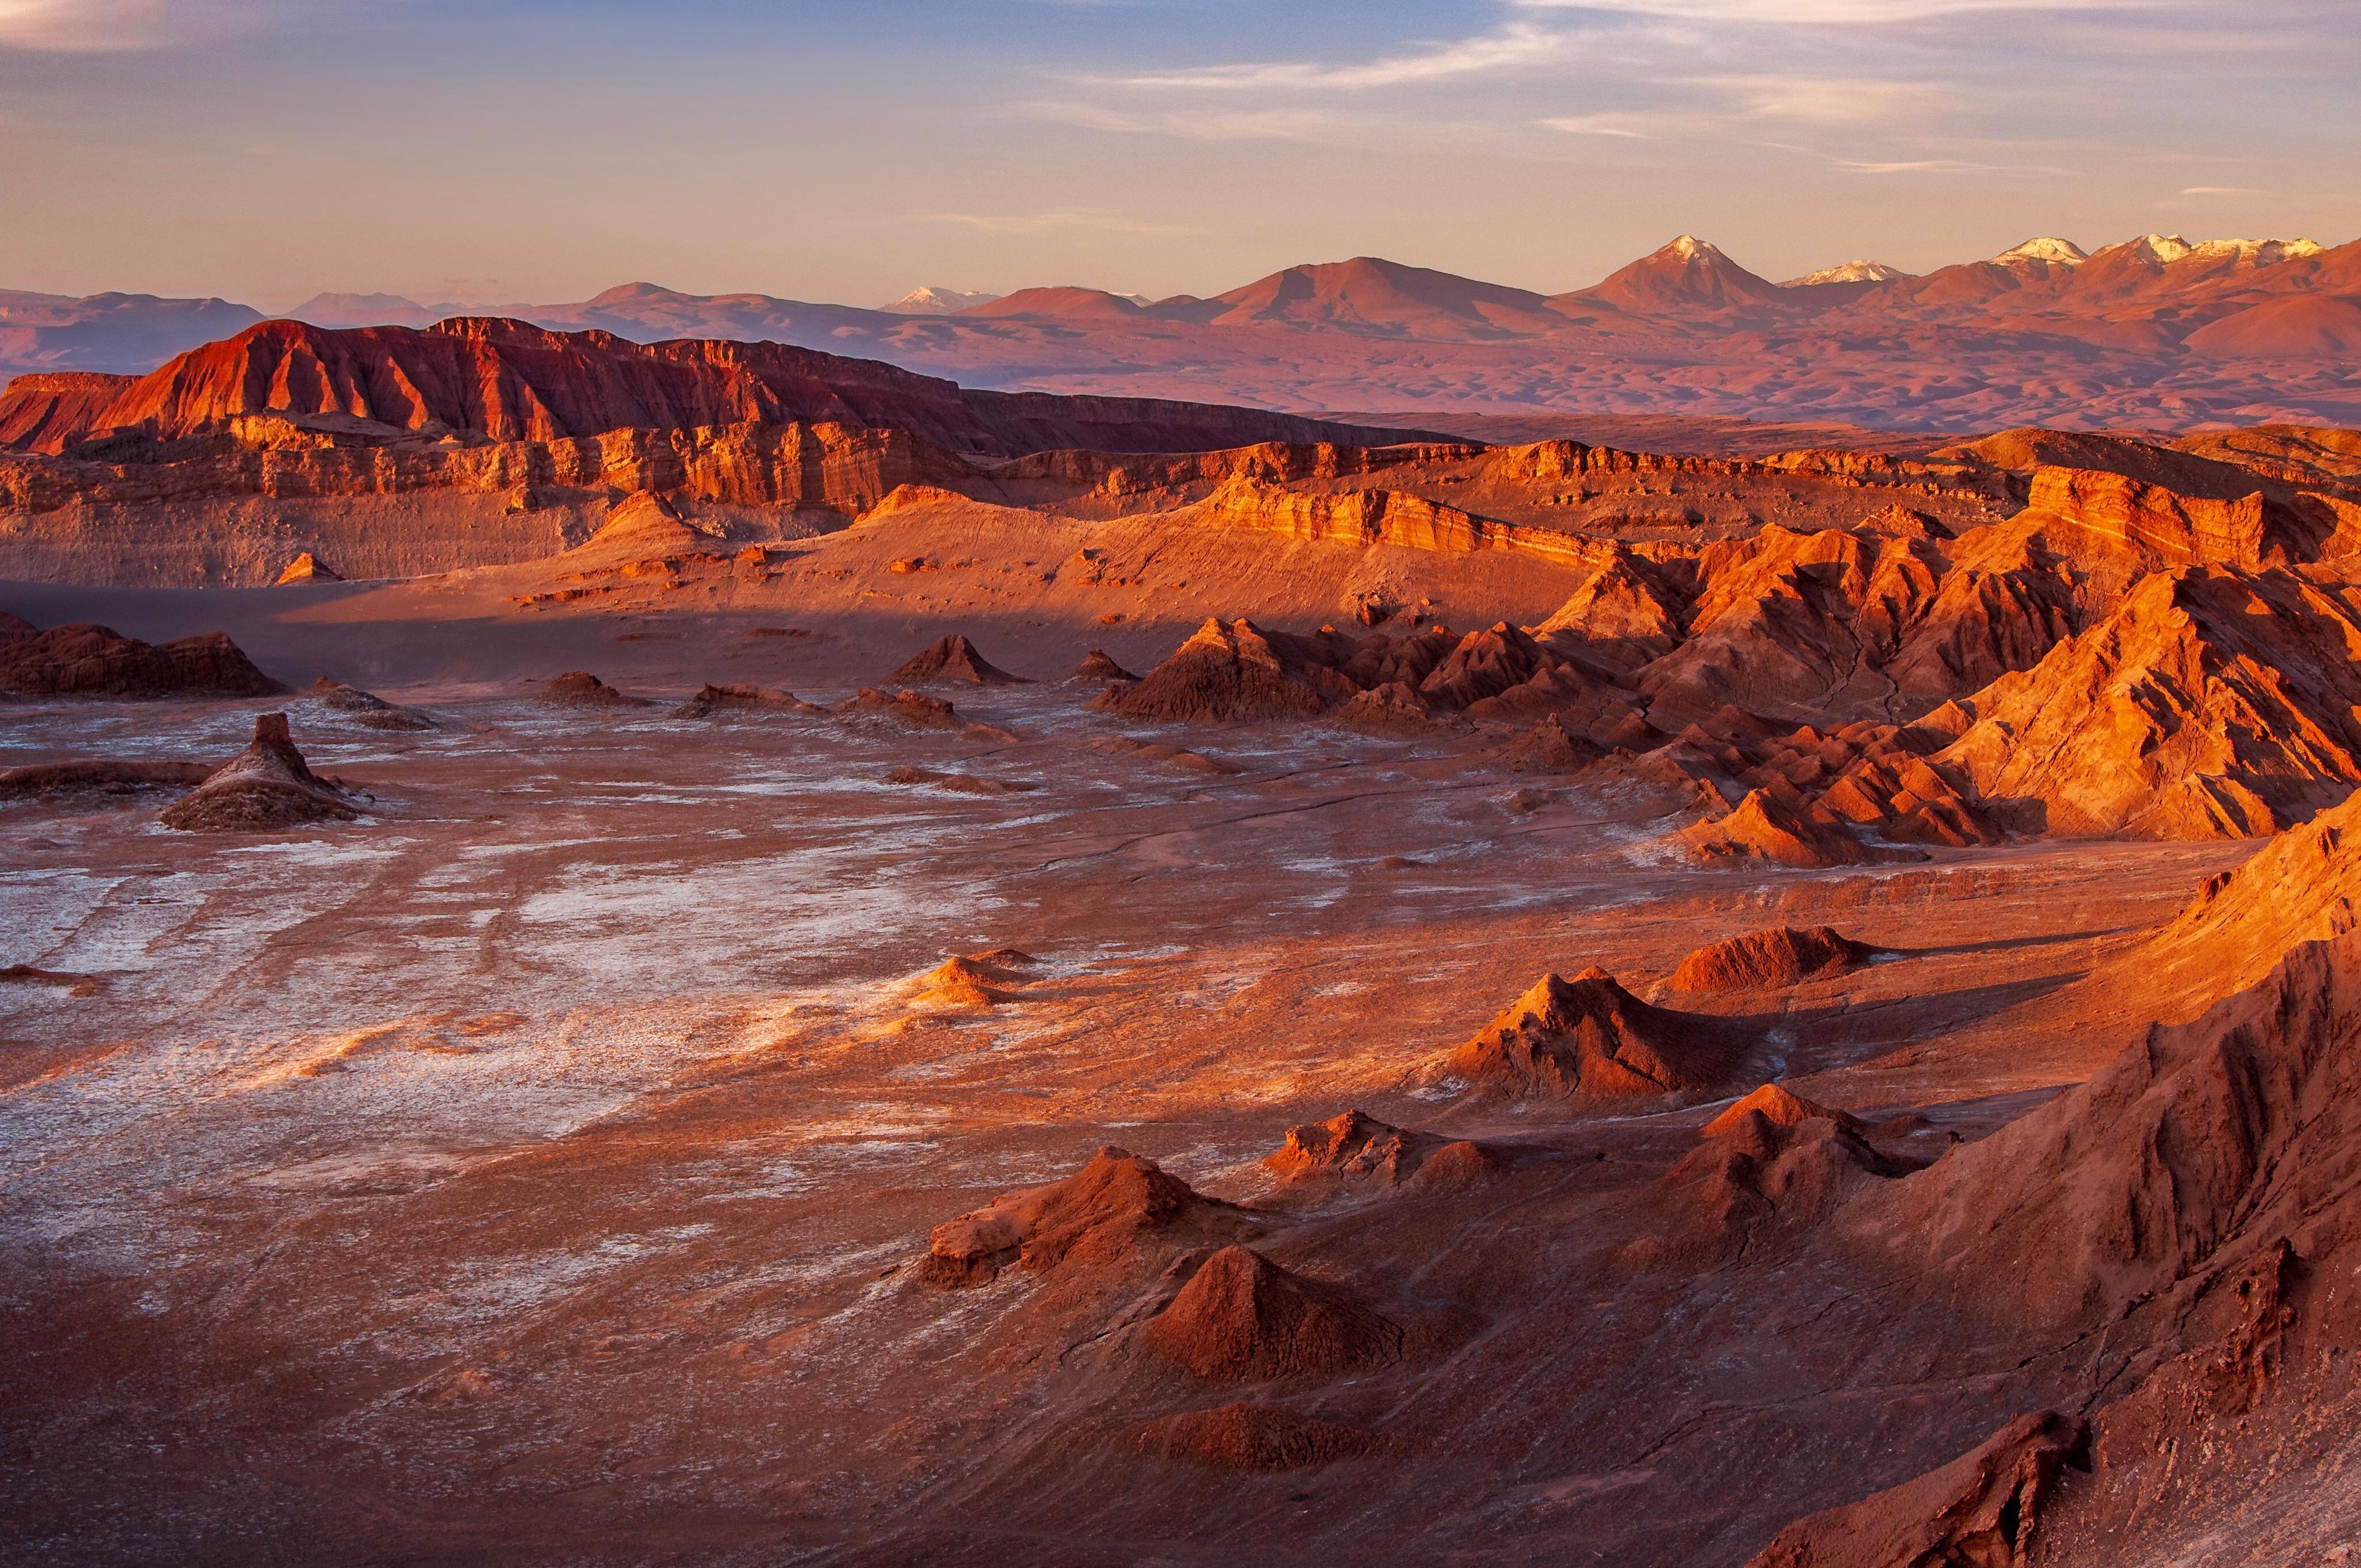 Moon Valley, Atacama Desert (San Pedro de Atacama, Chile)